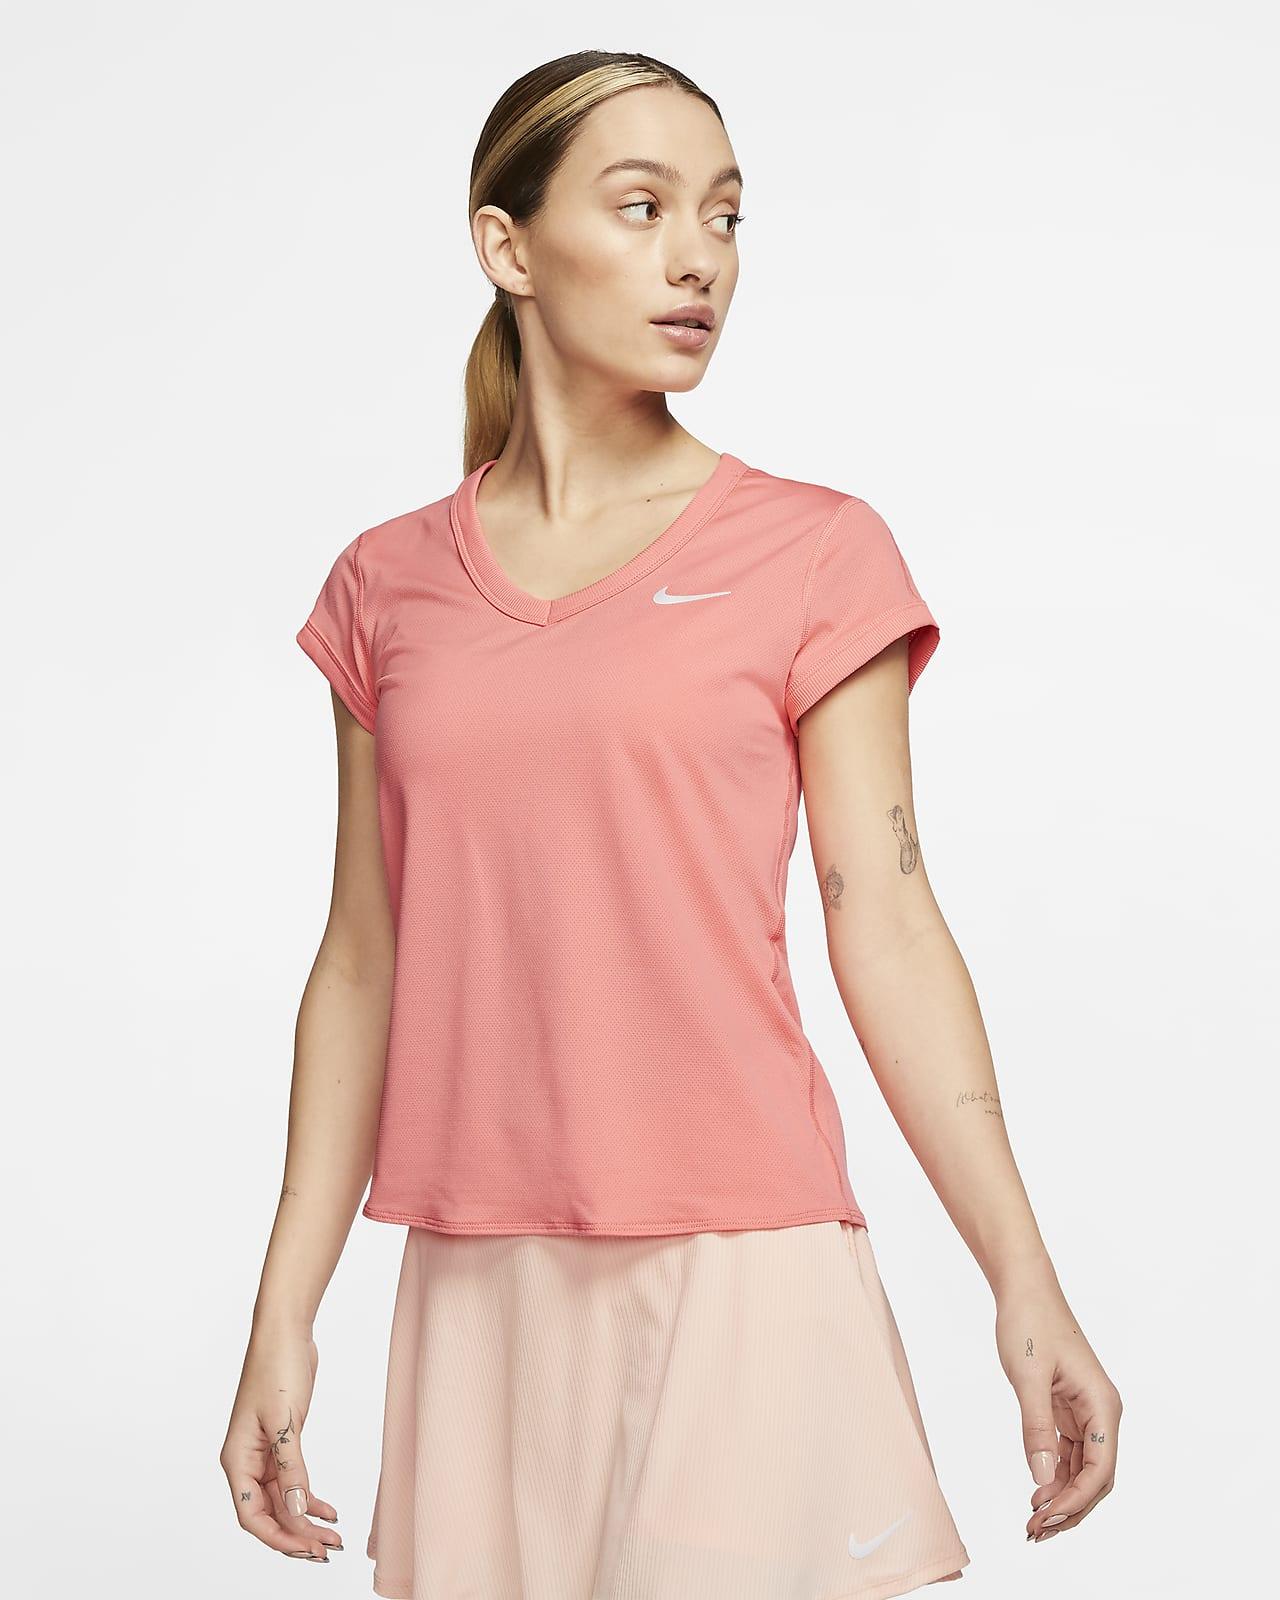 Γυναικεία κοντομάνικη μπλούζα τένις NikeCourt Dri-FIT